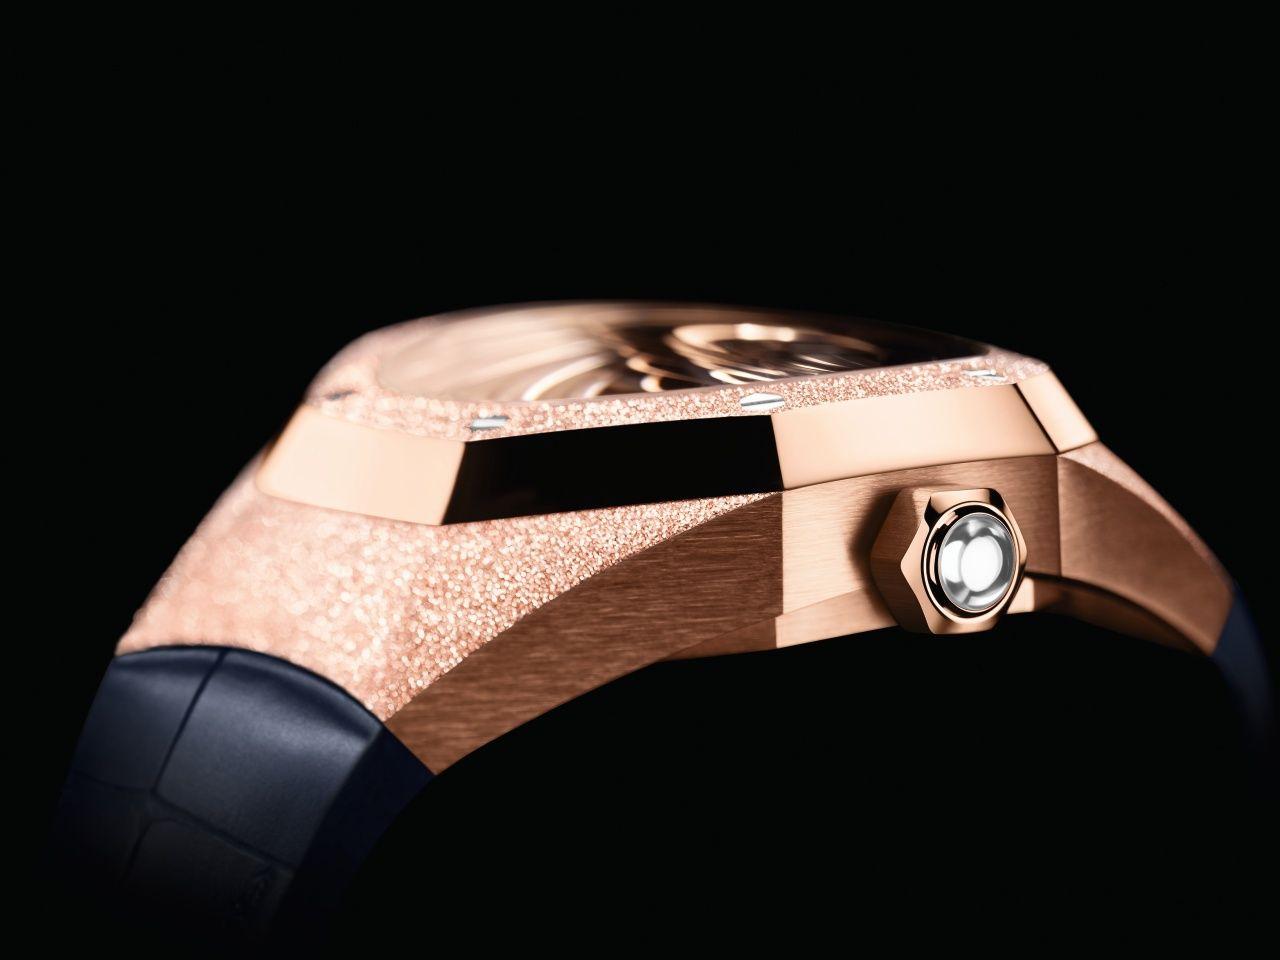 皇家橡樹概念系列霜金飛行陀飛輪腕錶 by Audemars Piguet。